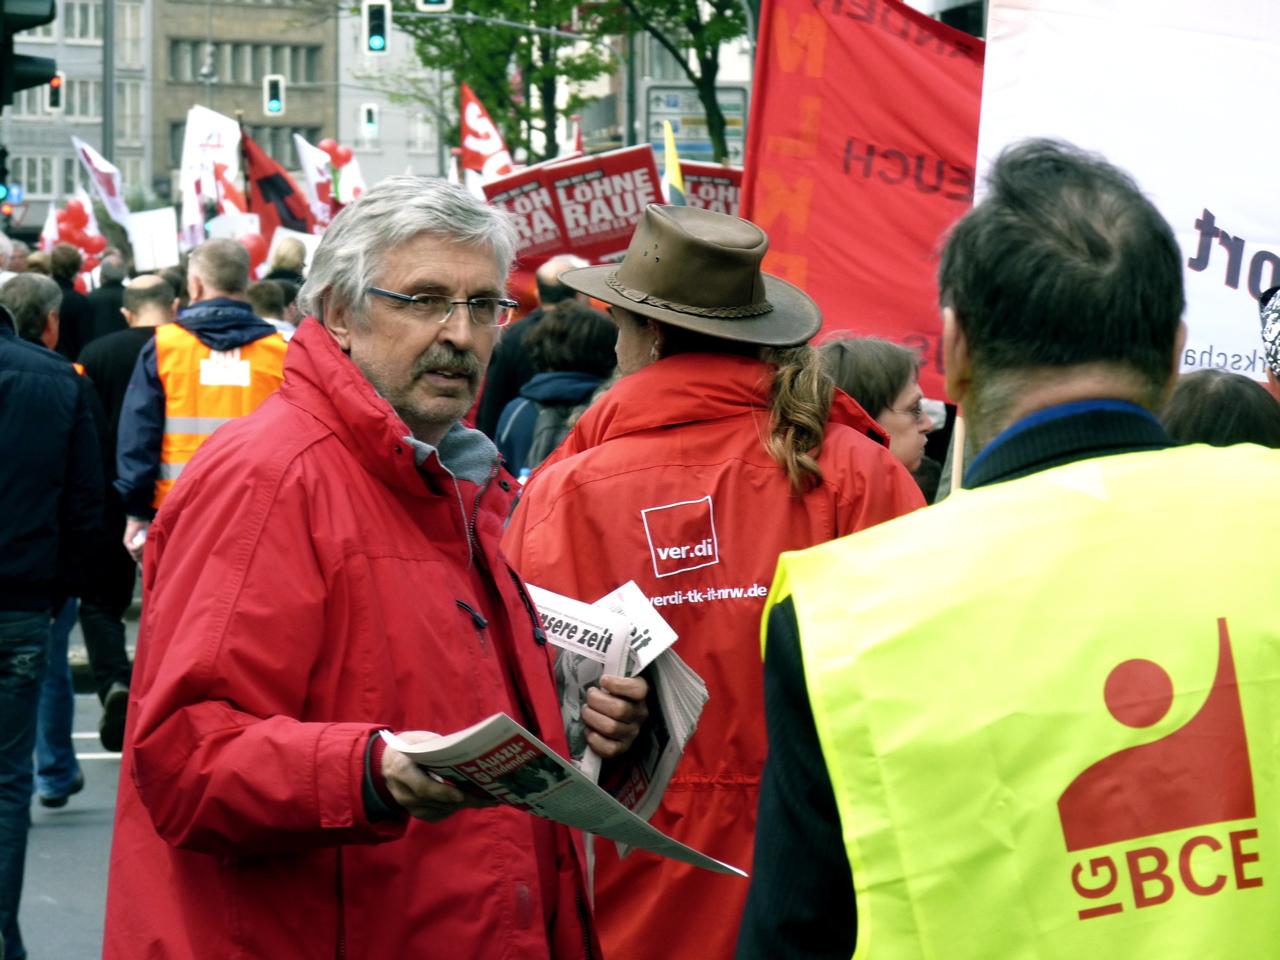 Axel im Gespräch mit einem Gewerkschafter der IG BCE